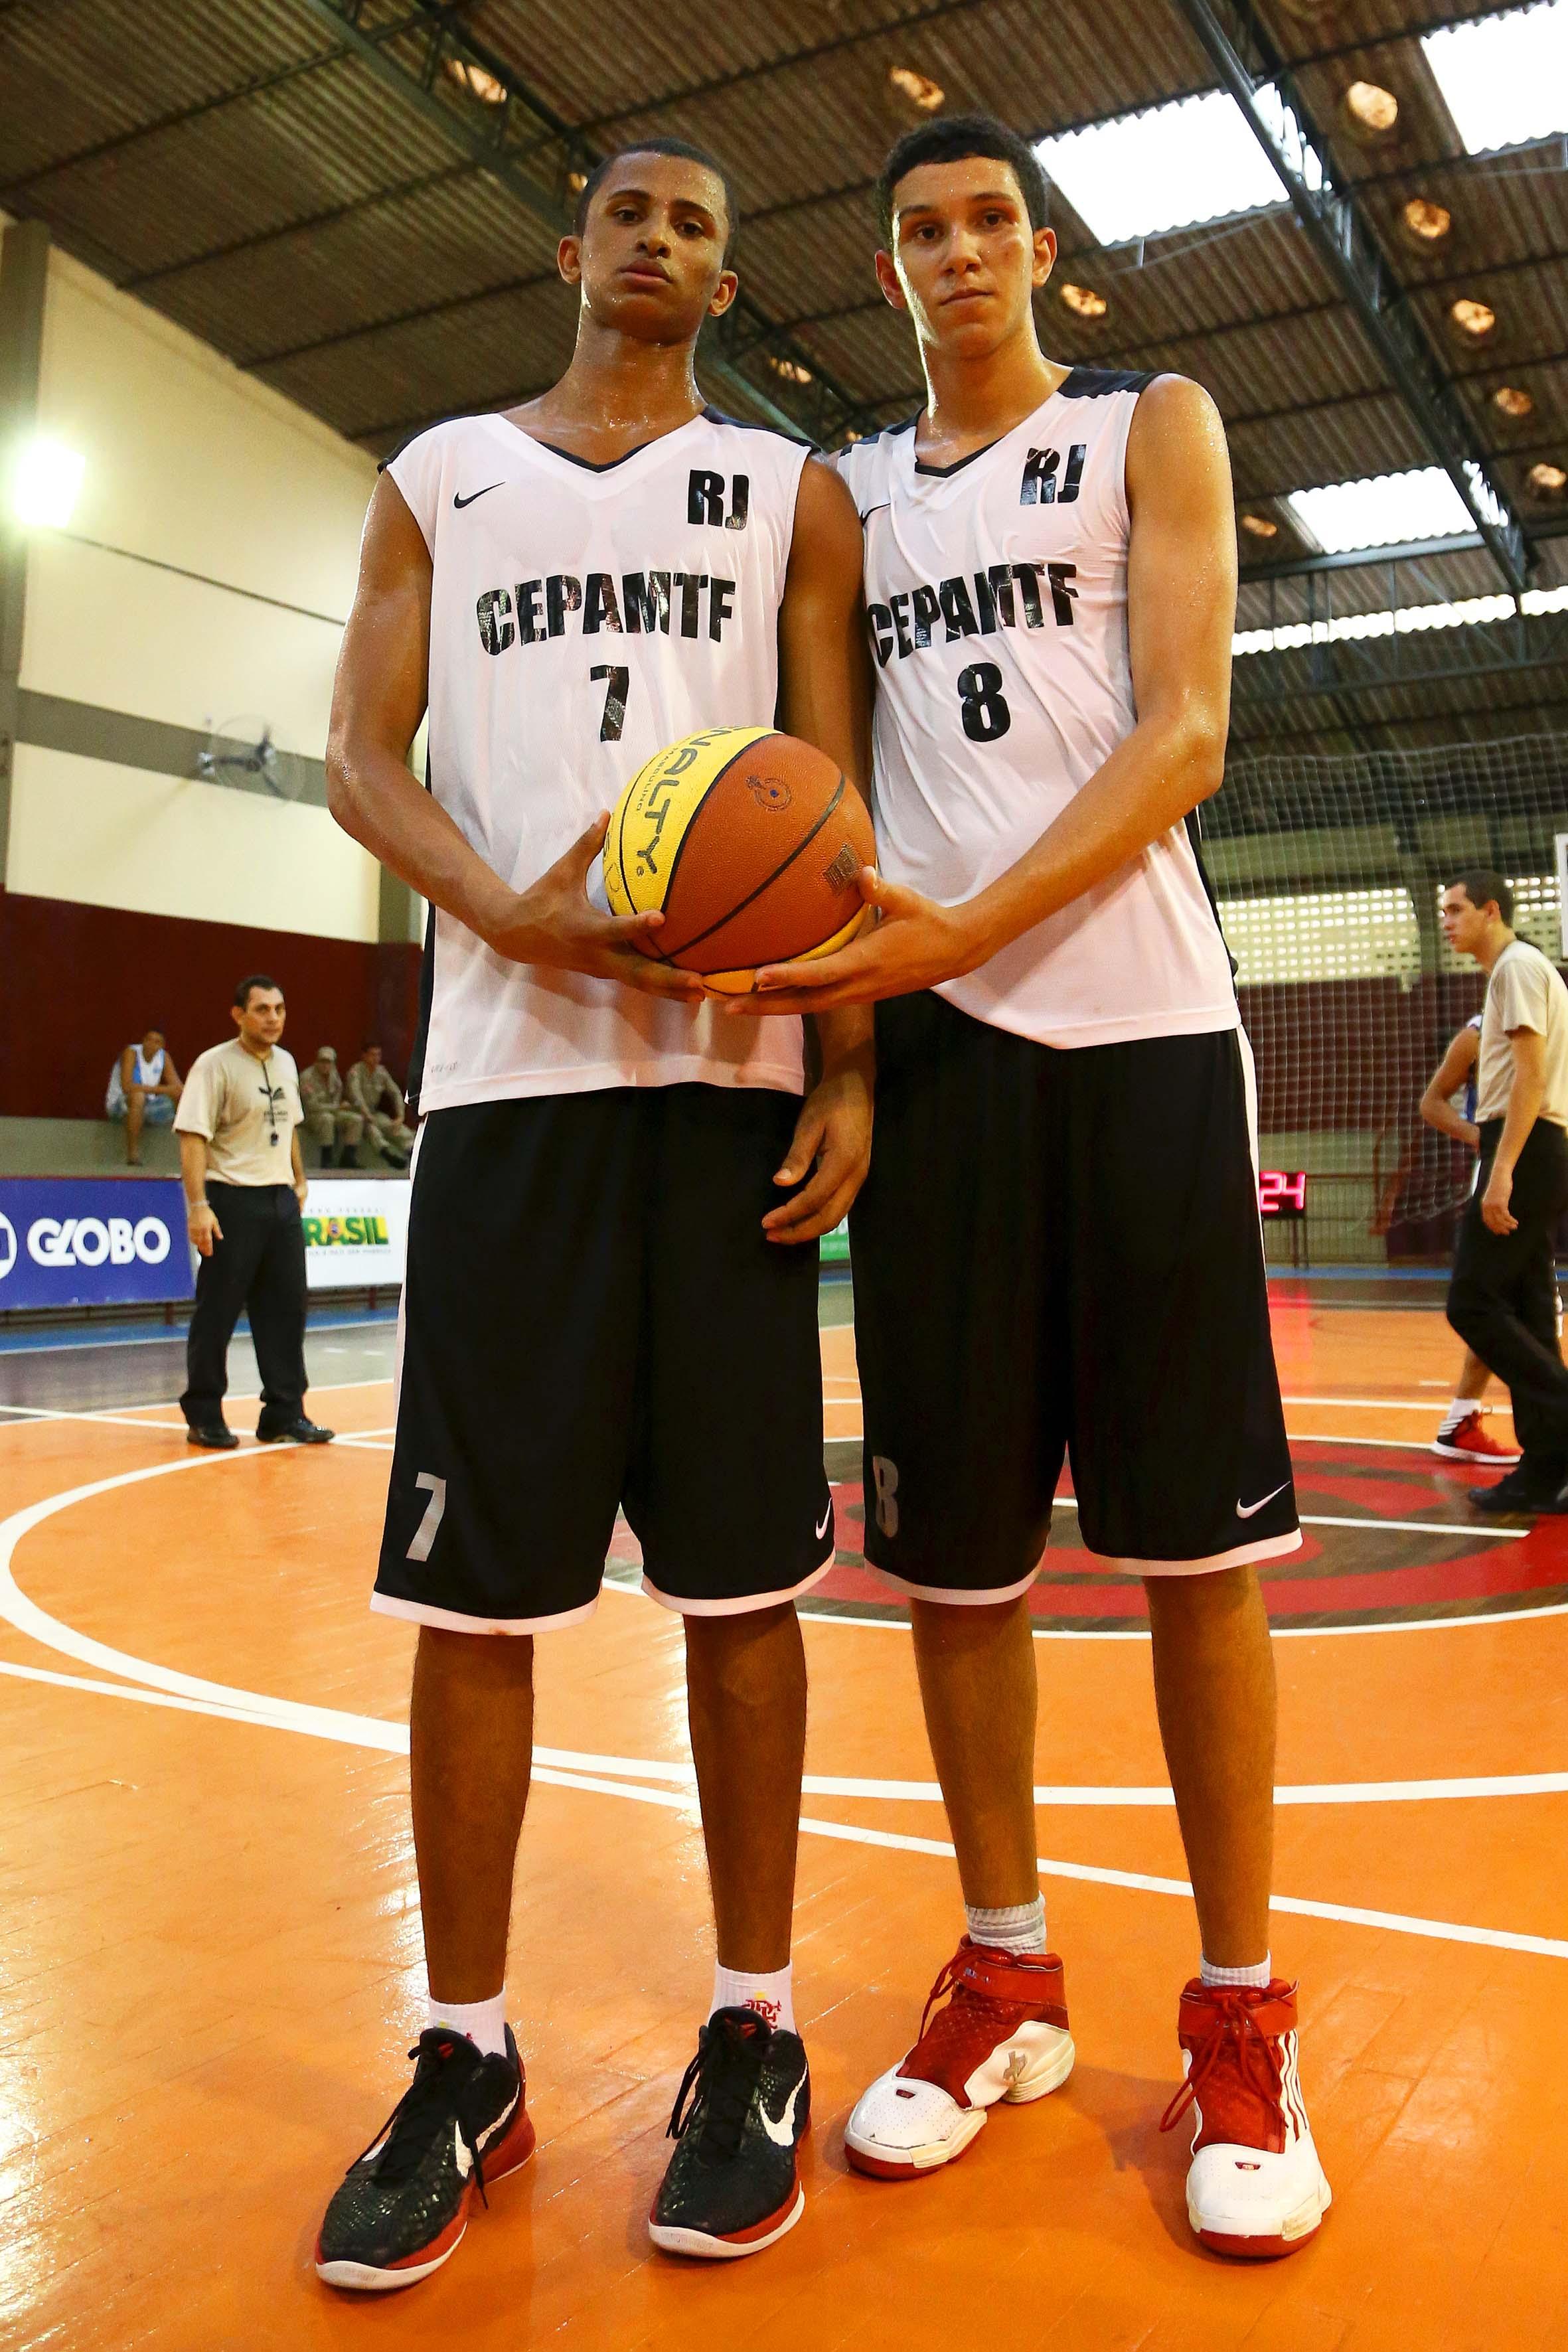 Jogo de futebol de basquete